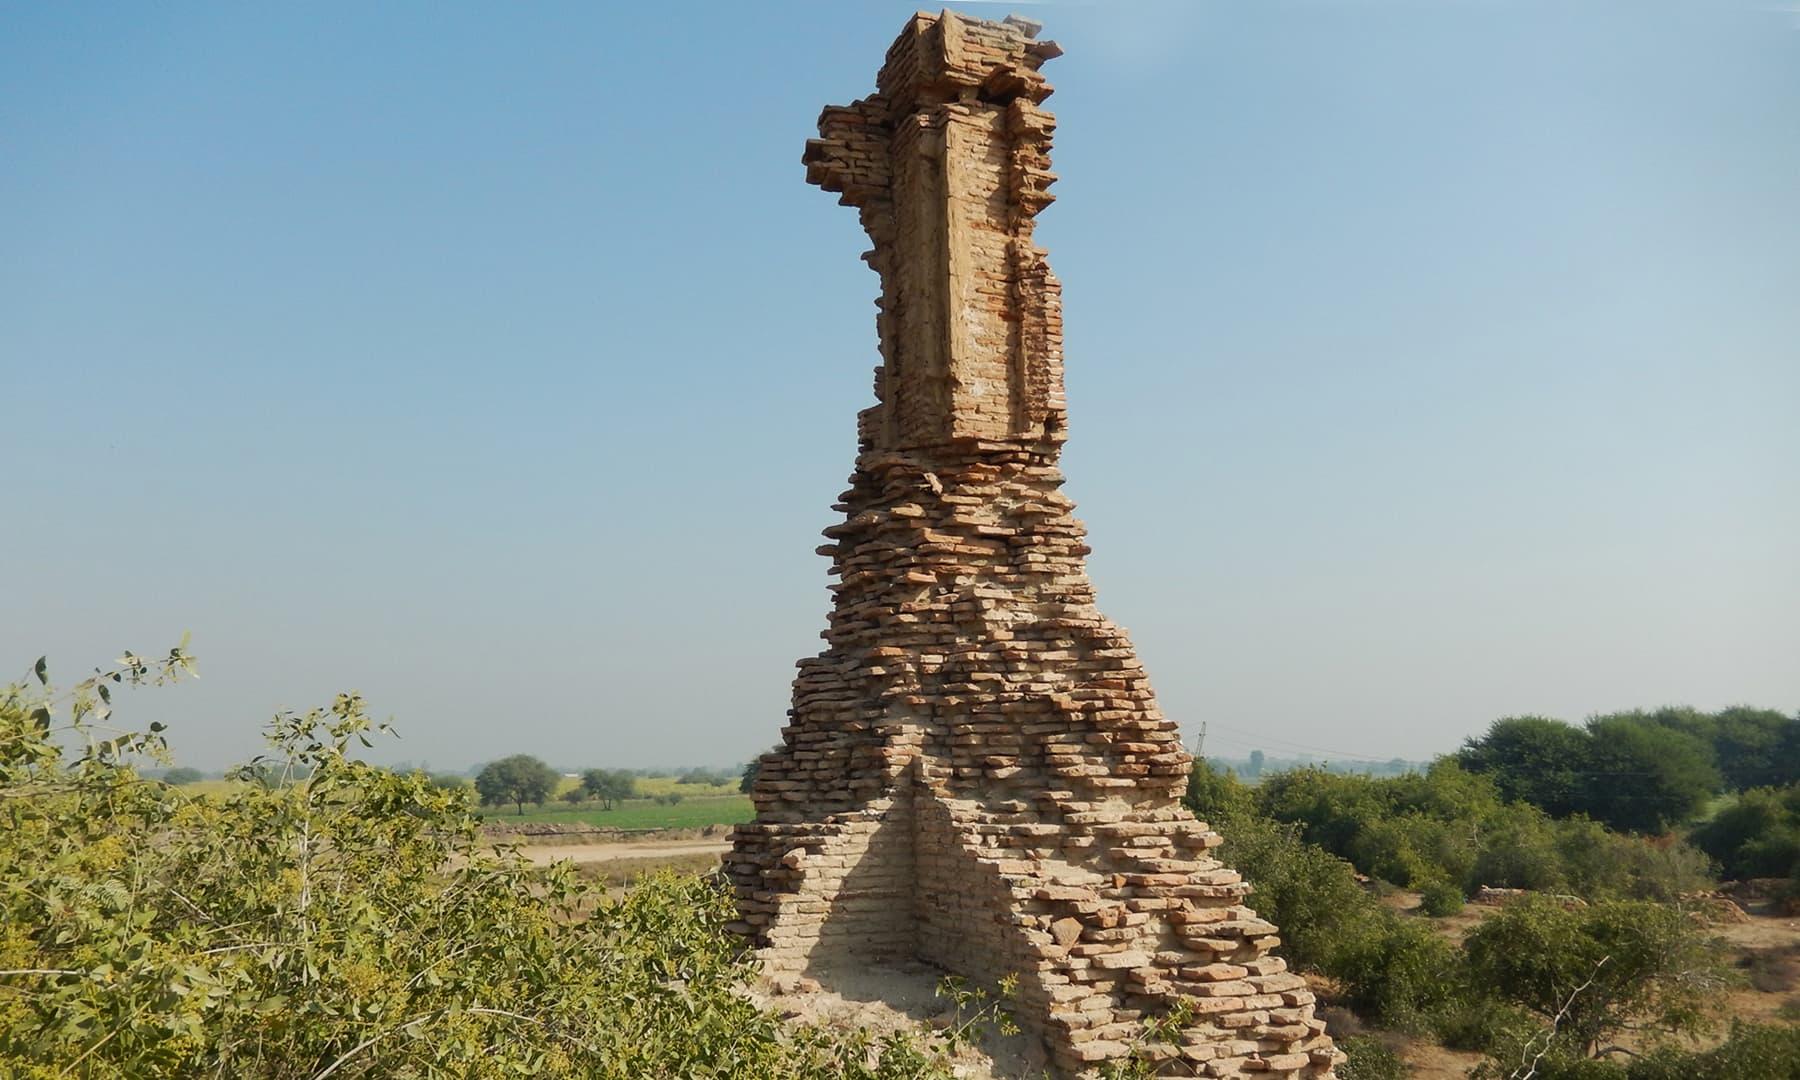 ٹنڈو فضل میں واقع حویلیوں اور گھروں کے آثار قدیمہ—تصویر ابوبکر شیخ